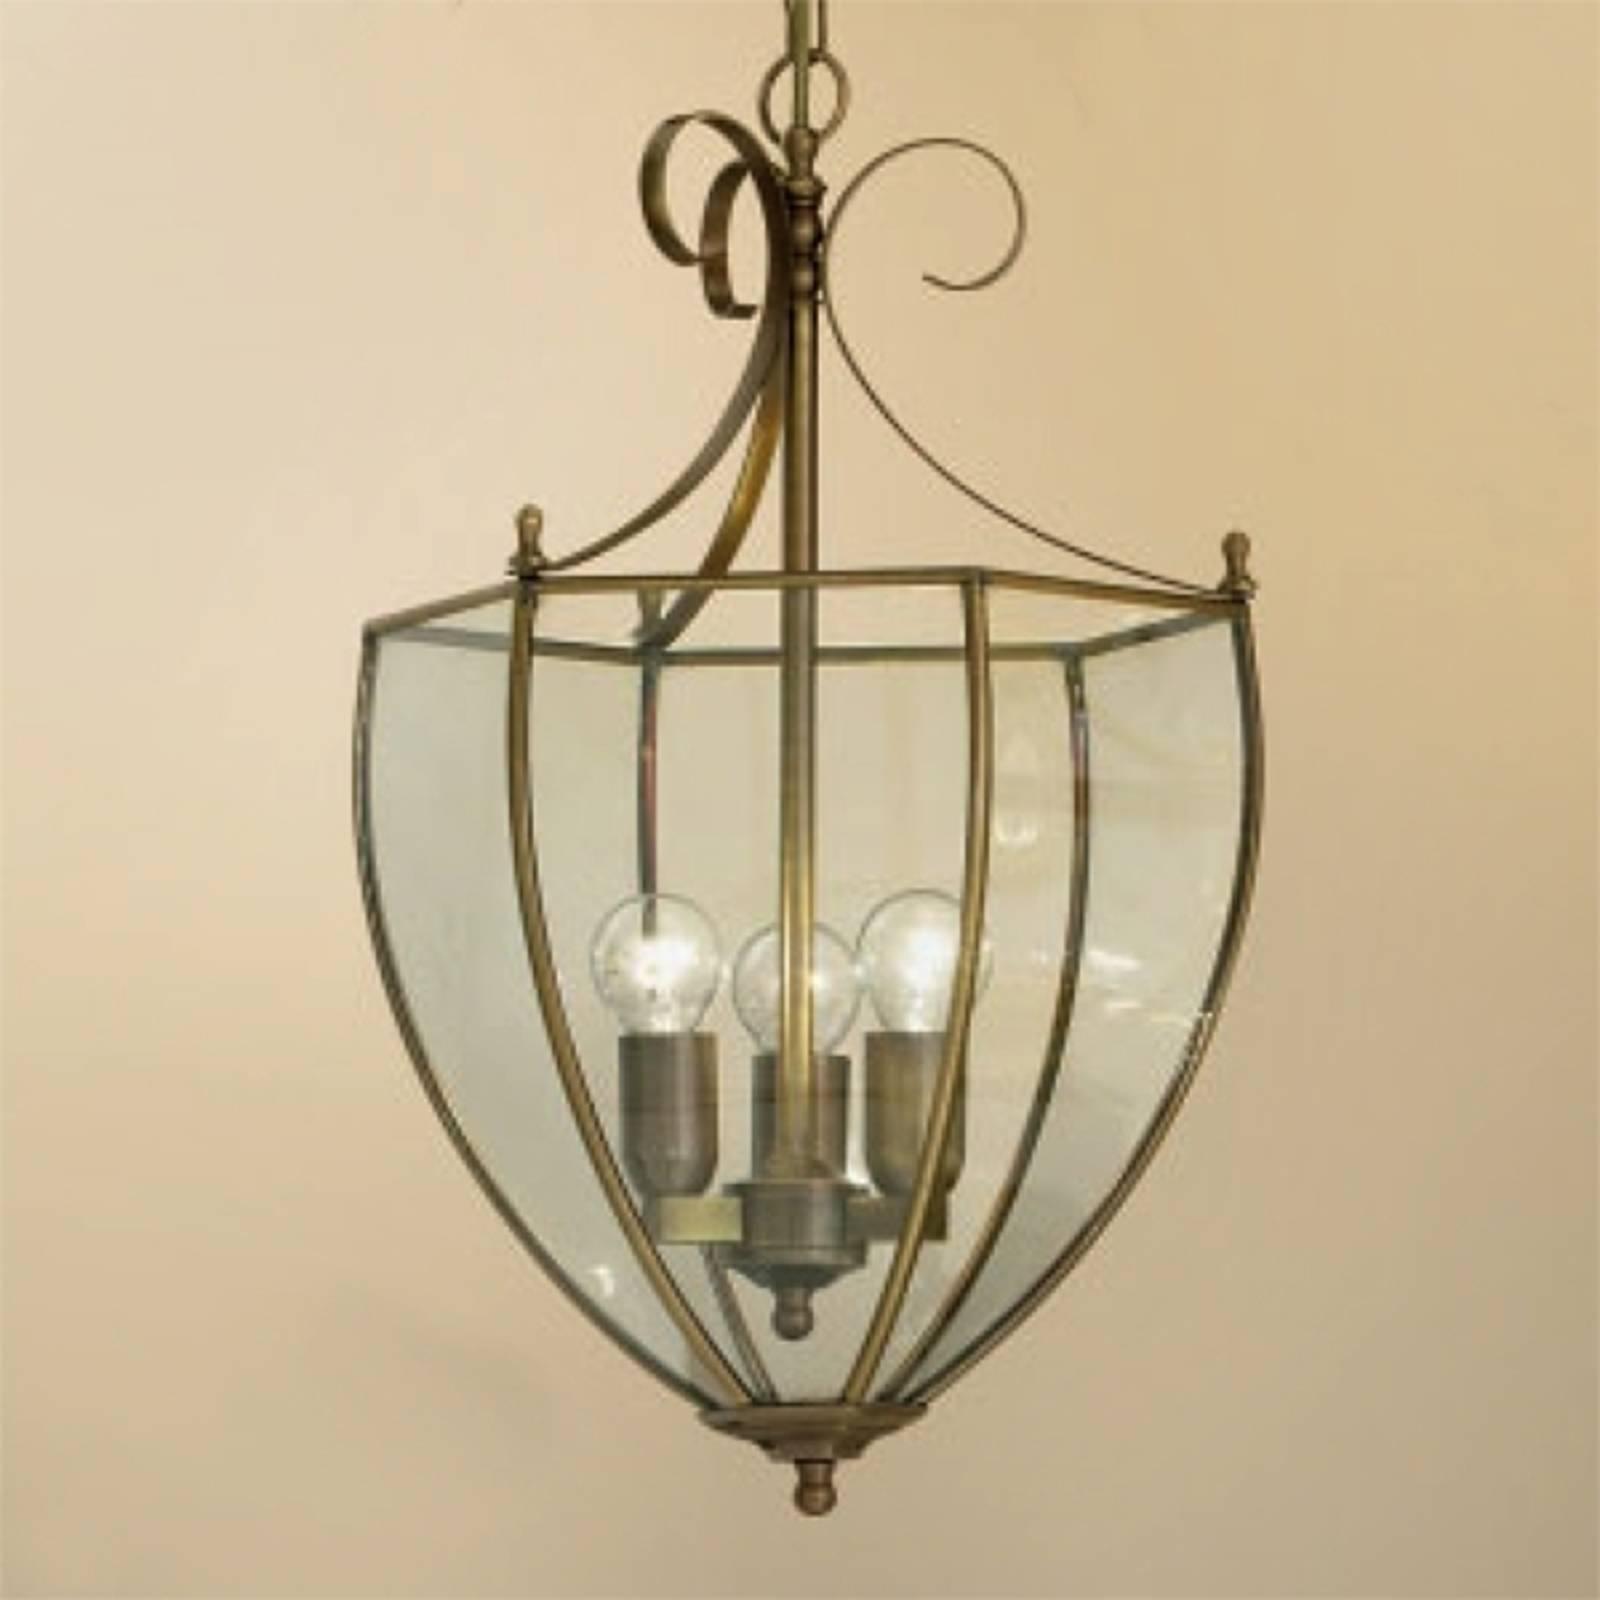 Mooie hanglamp Oper in brons-look